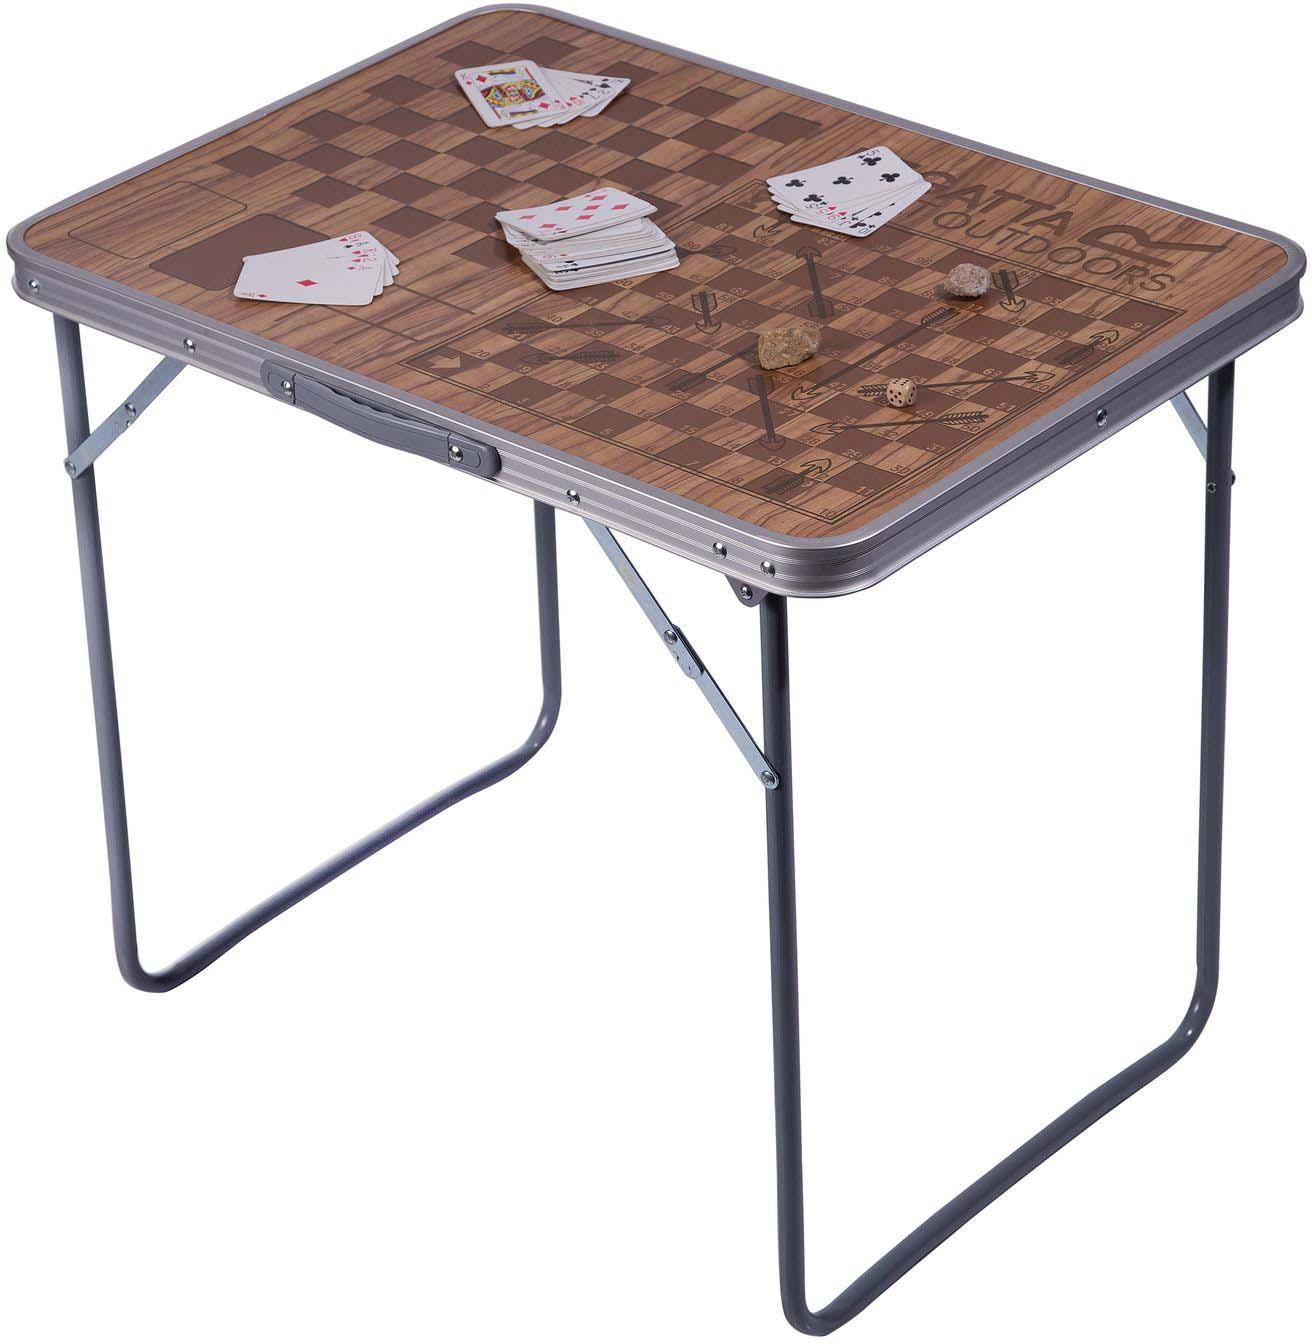 Складной стол, максимальная нагрузка — 30 кг. Покрытие стола из ДВП, стальная рама. Ножки складываются при транспортировке. Вес 3 кг. Рисунок стола с классическими играми для всей семьи.